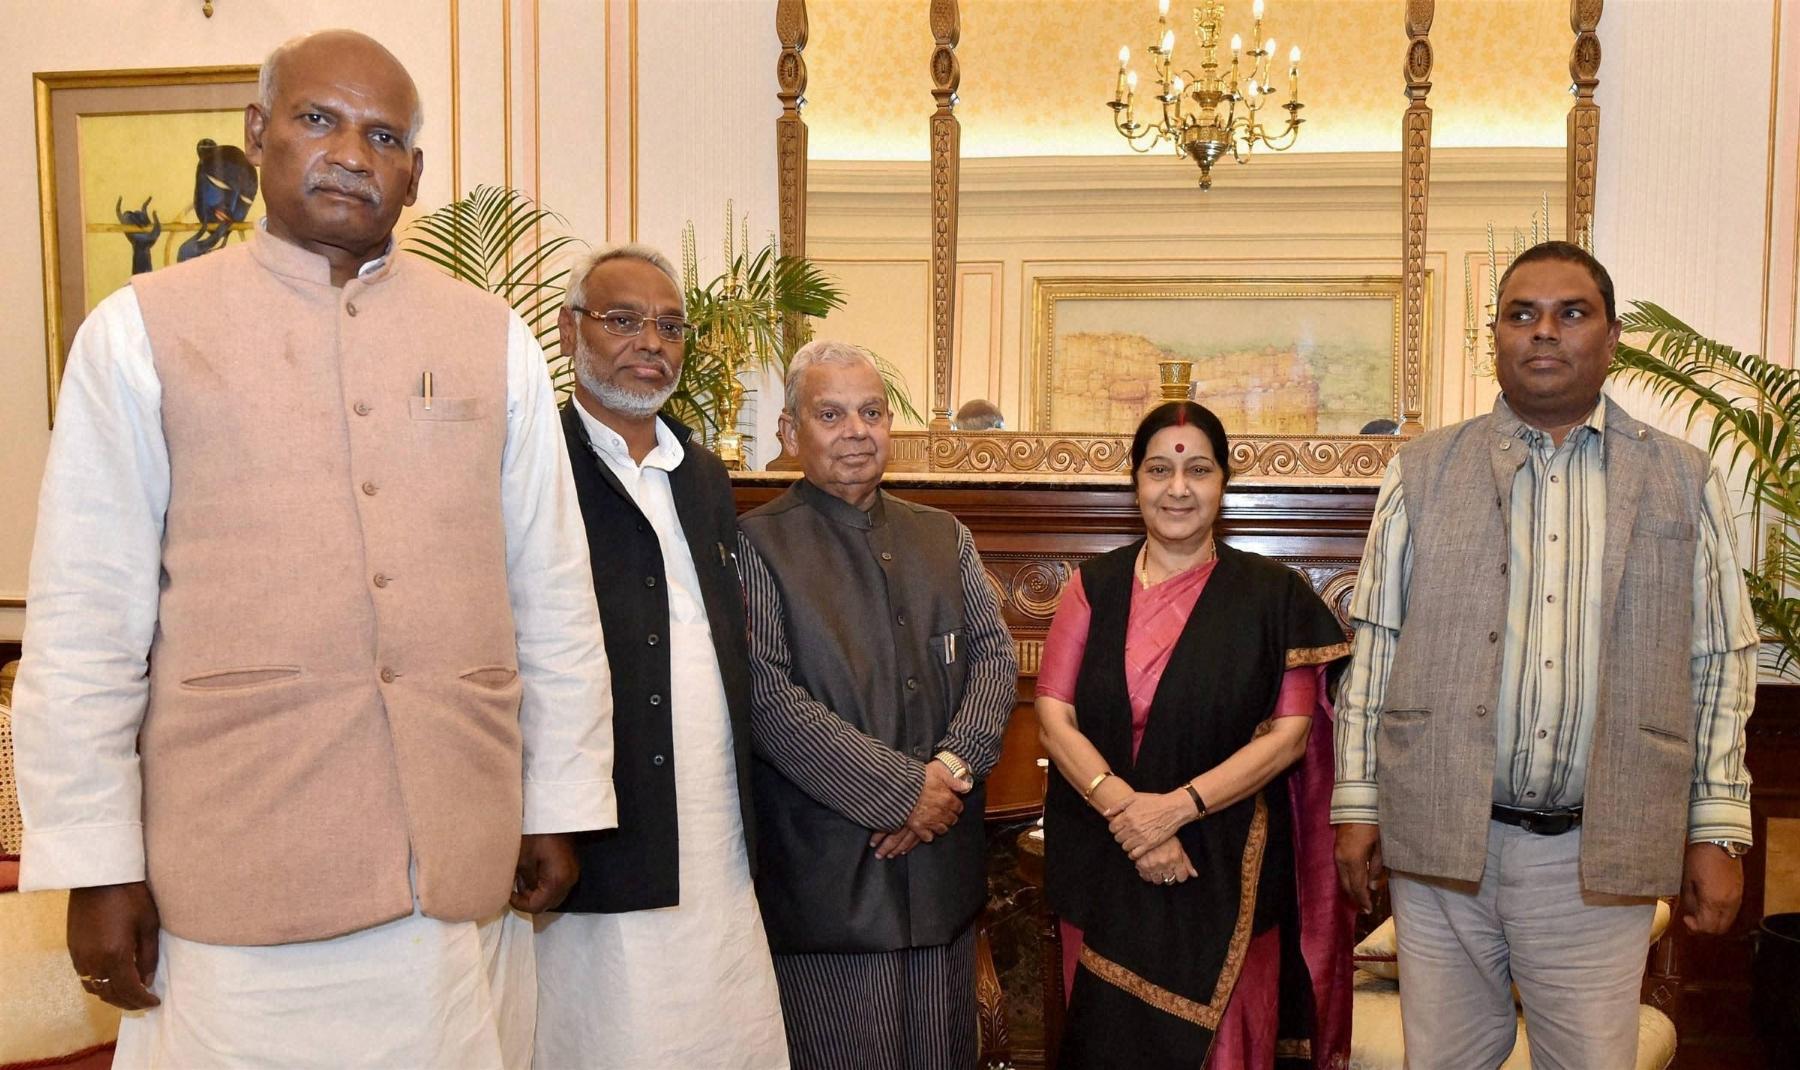 Nepal's Madhesi leaders meet Sushma Swaraj